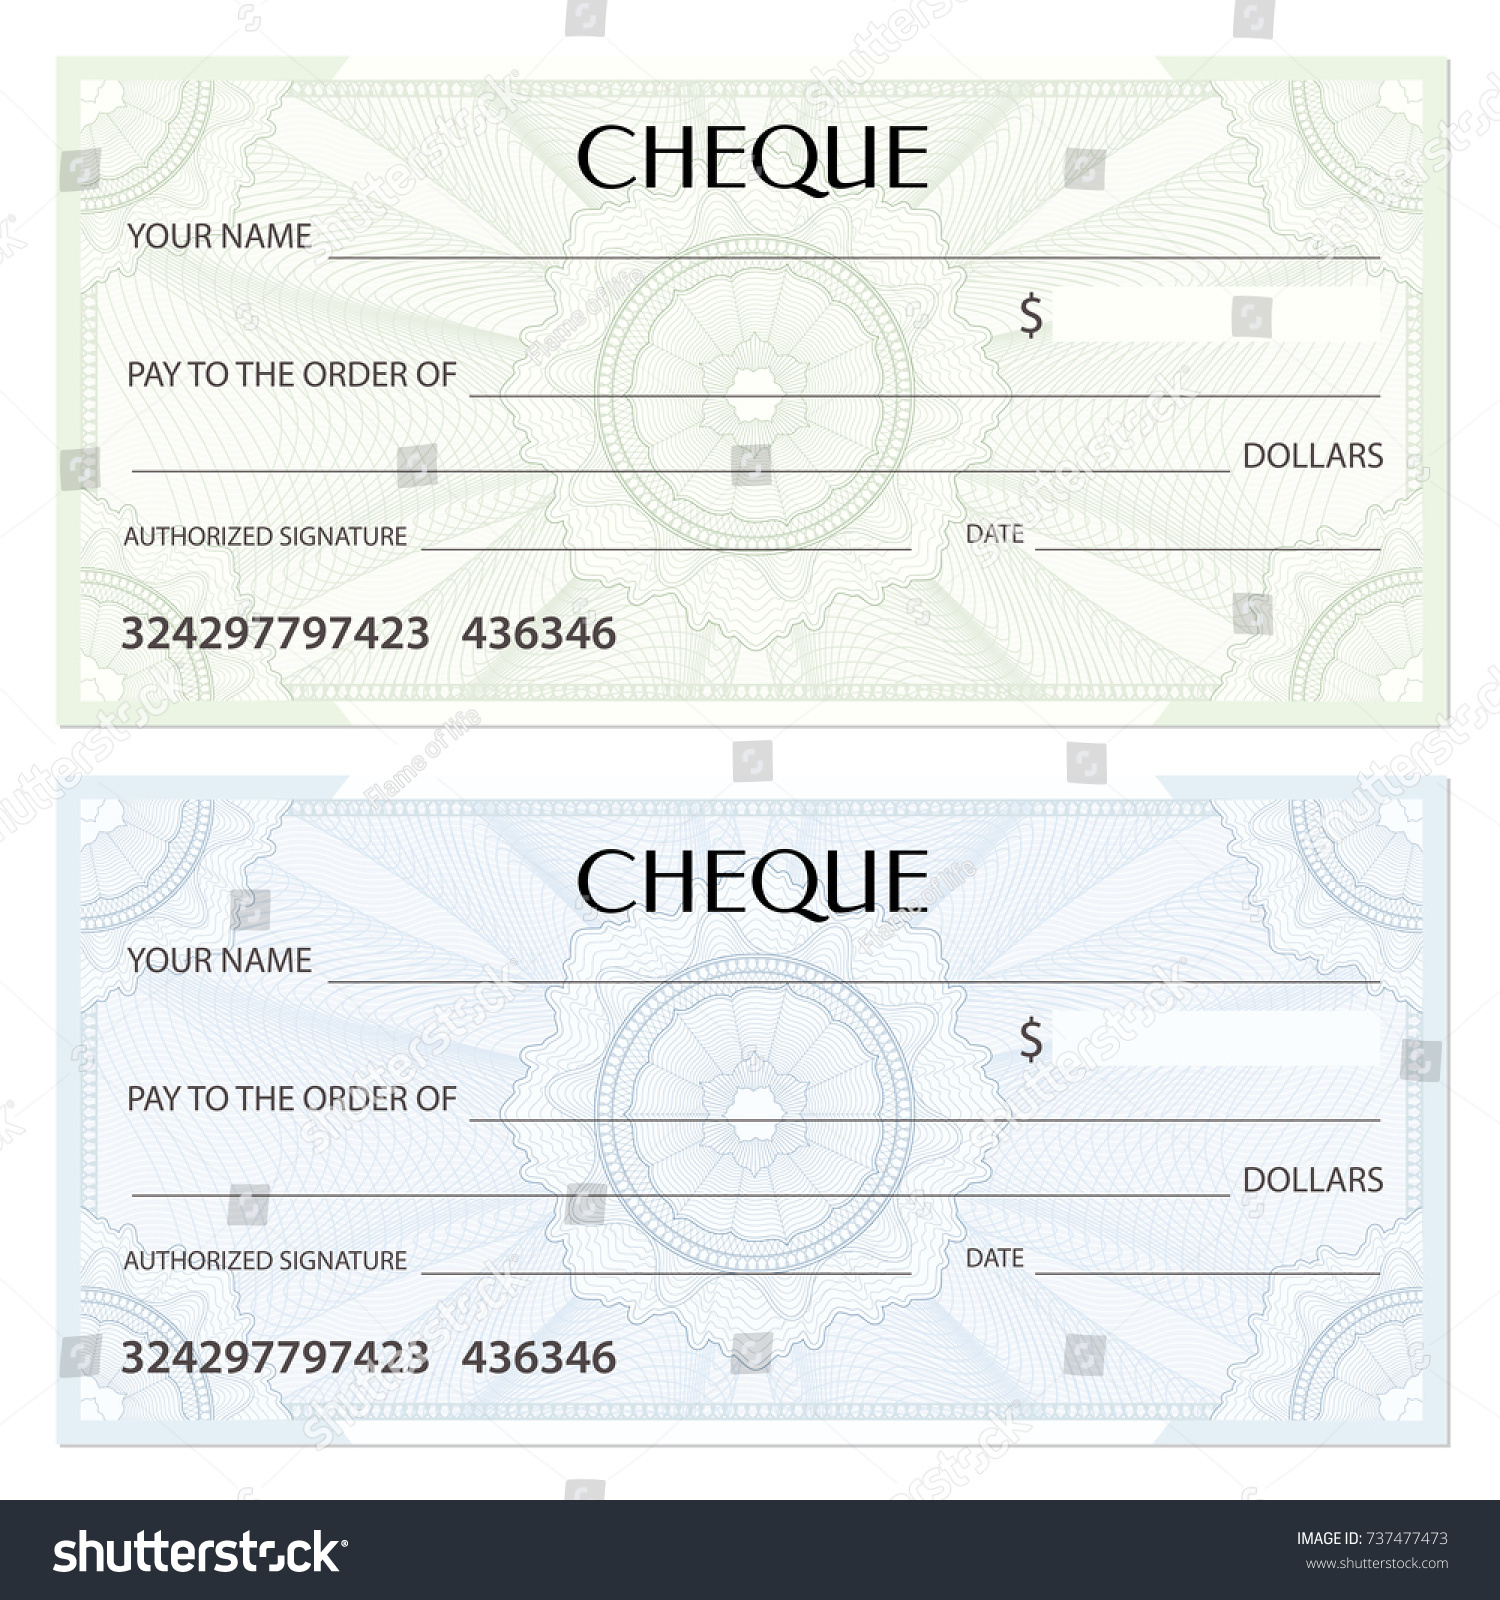 Check Cheque Chequebook Template Guilloche Pattern Stock Vector .